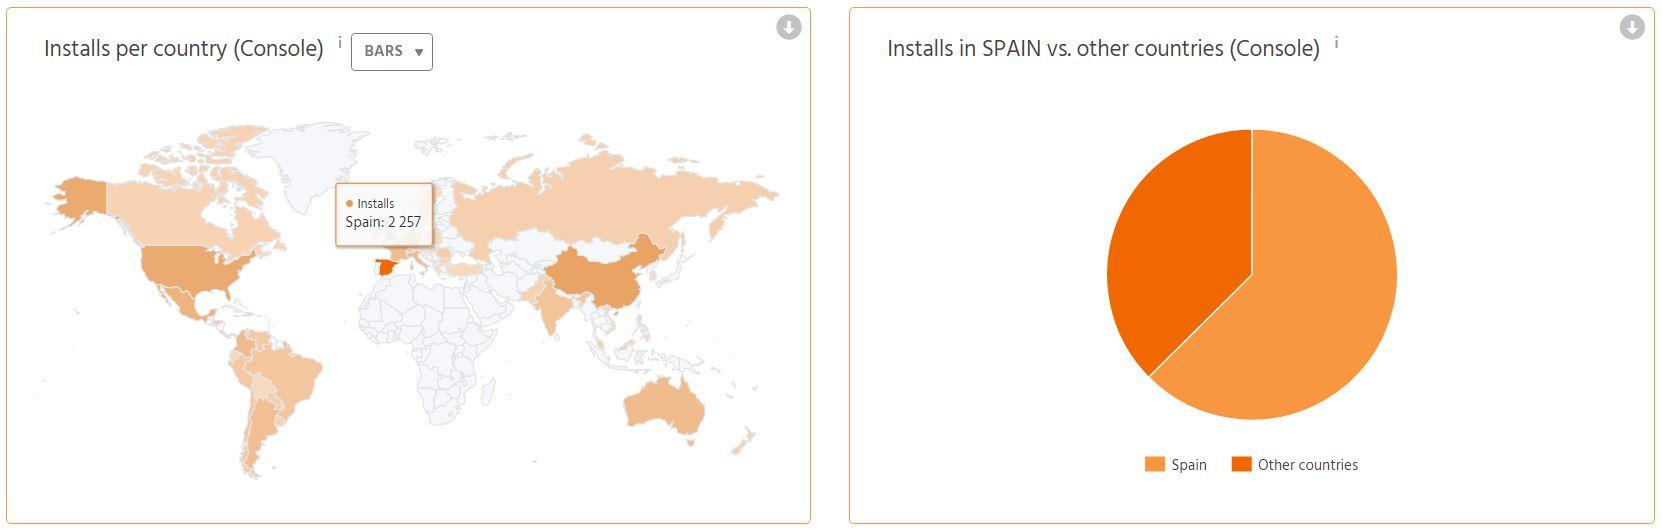 TheTool: Distribución de Instalaciones por paises